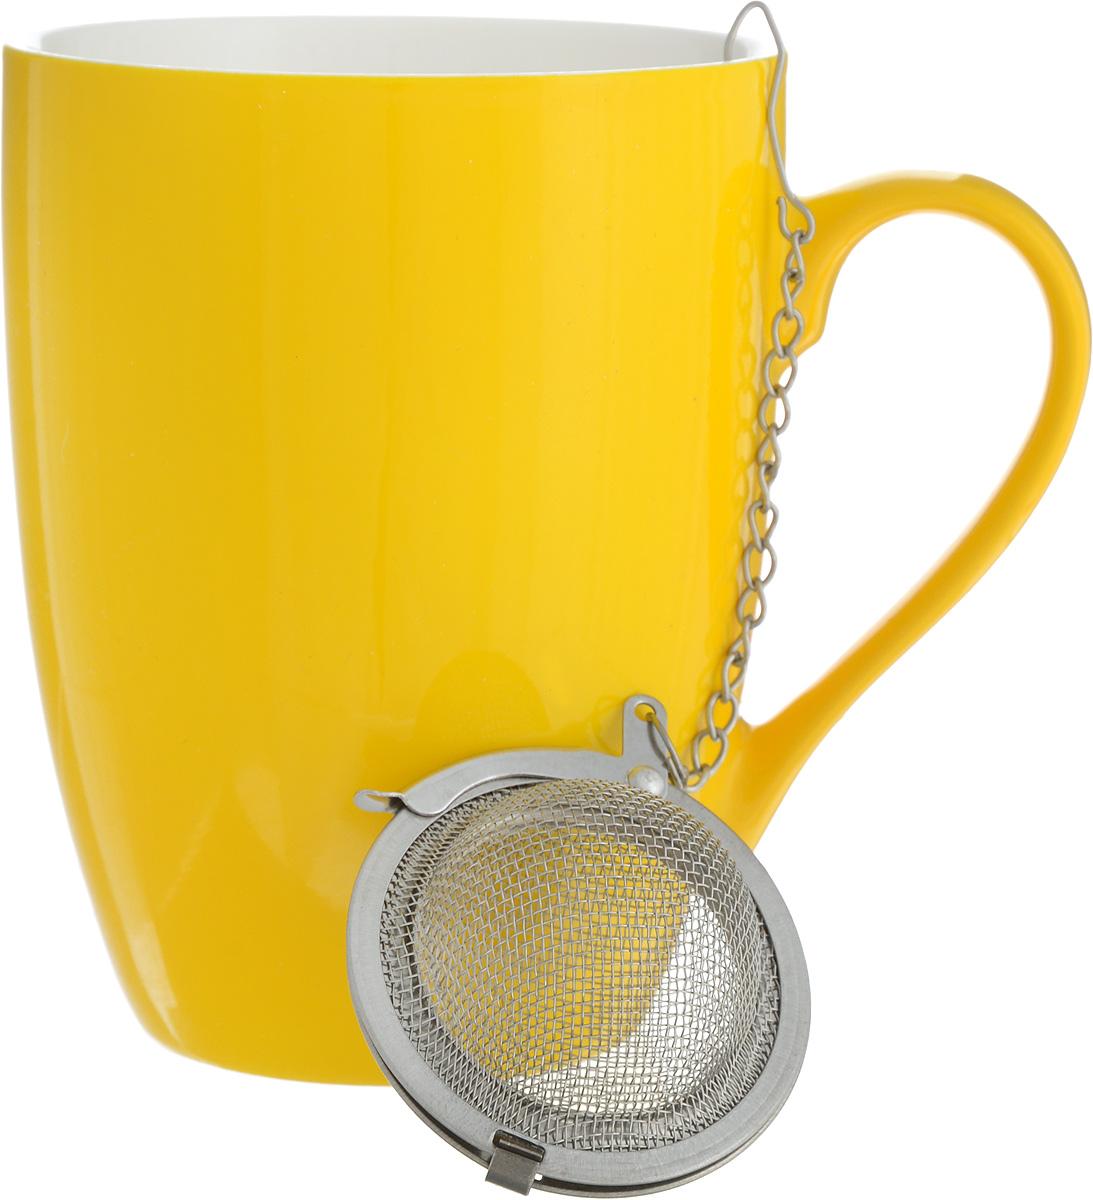 Кружка Доляна Радуга, с ситечком, цвет: желтый, белый, 300 мл699261_желтый, белыйКружка Доляна Радуга изготовлена из высококачественной керамики. Изделие оформлено ярким дизайном и покрыто превосходной сверкающей глазурью. Изысканная кружка прекрасно оформит стол к чаепитию и станет его неизменным атрибутом.В комплект входит ситечко для заварки.Диаметр кружки (по верхнему краю): 8 см.Высота кружки: 10,5 см.Диаметр ситечка: 4,5 см.